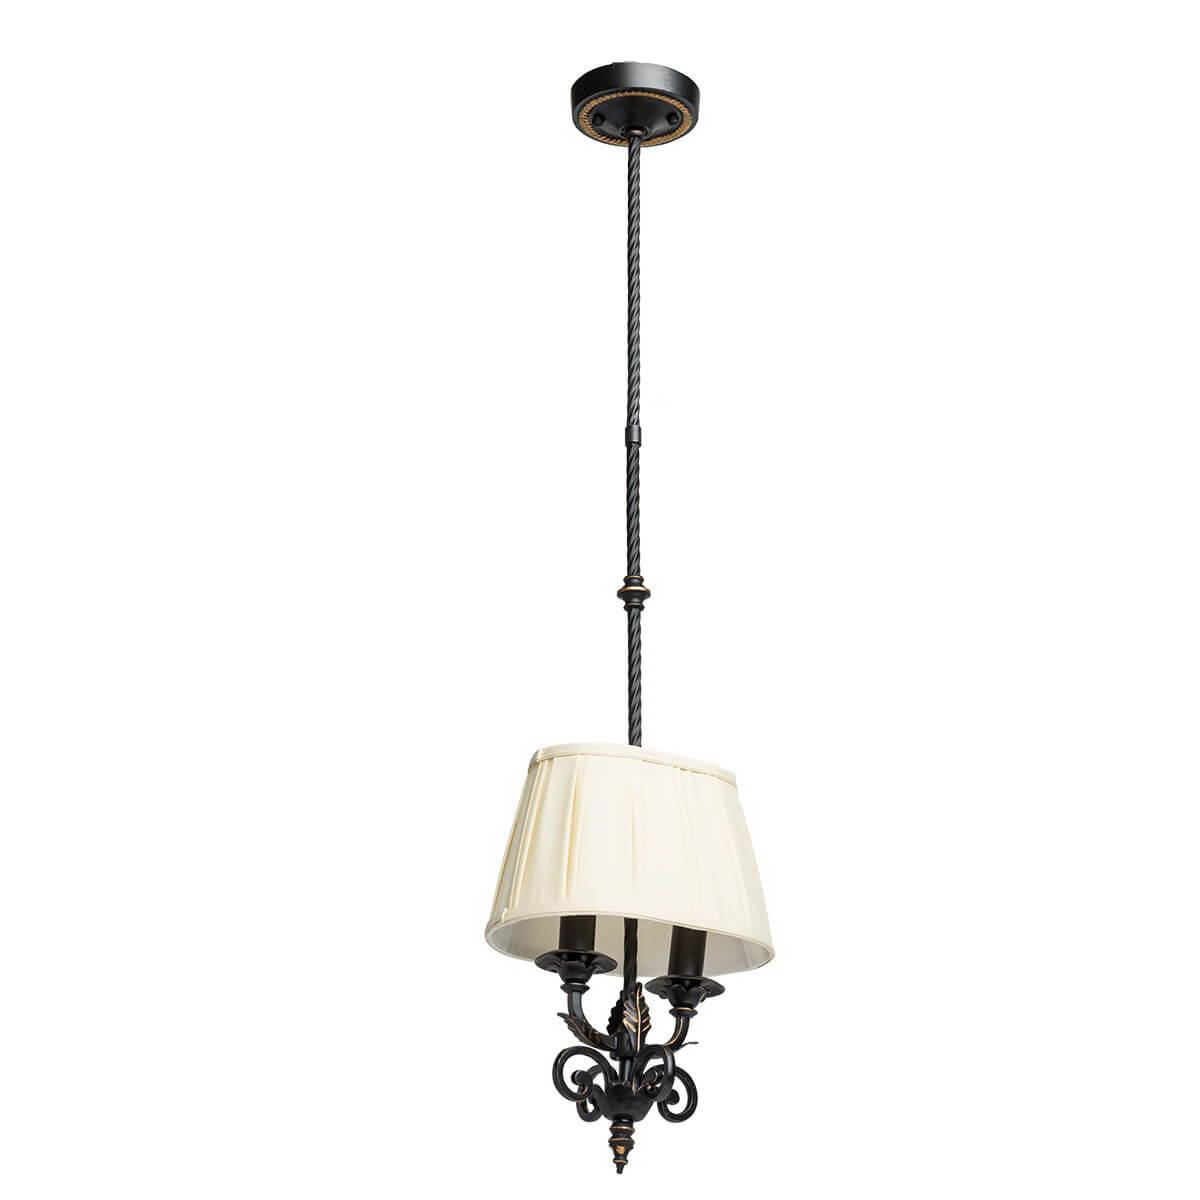 Светильник Chiaro 401010402 Виктория